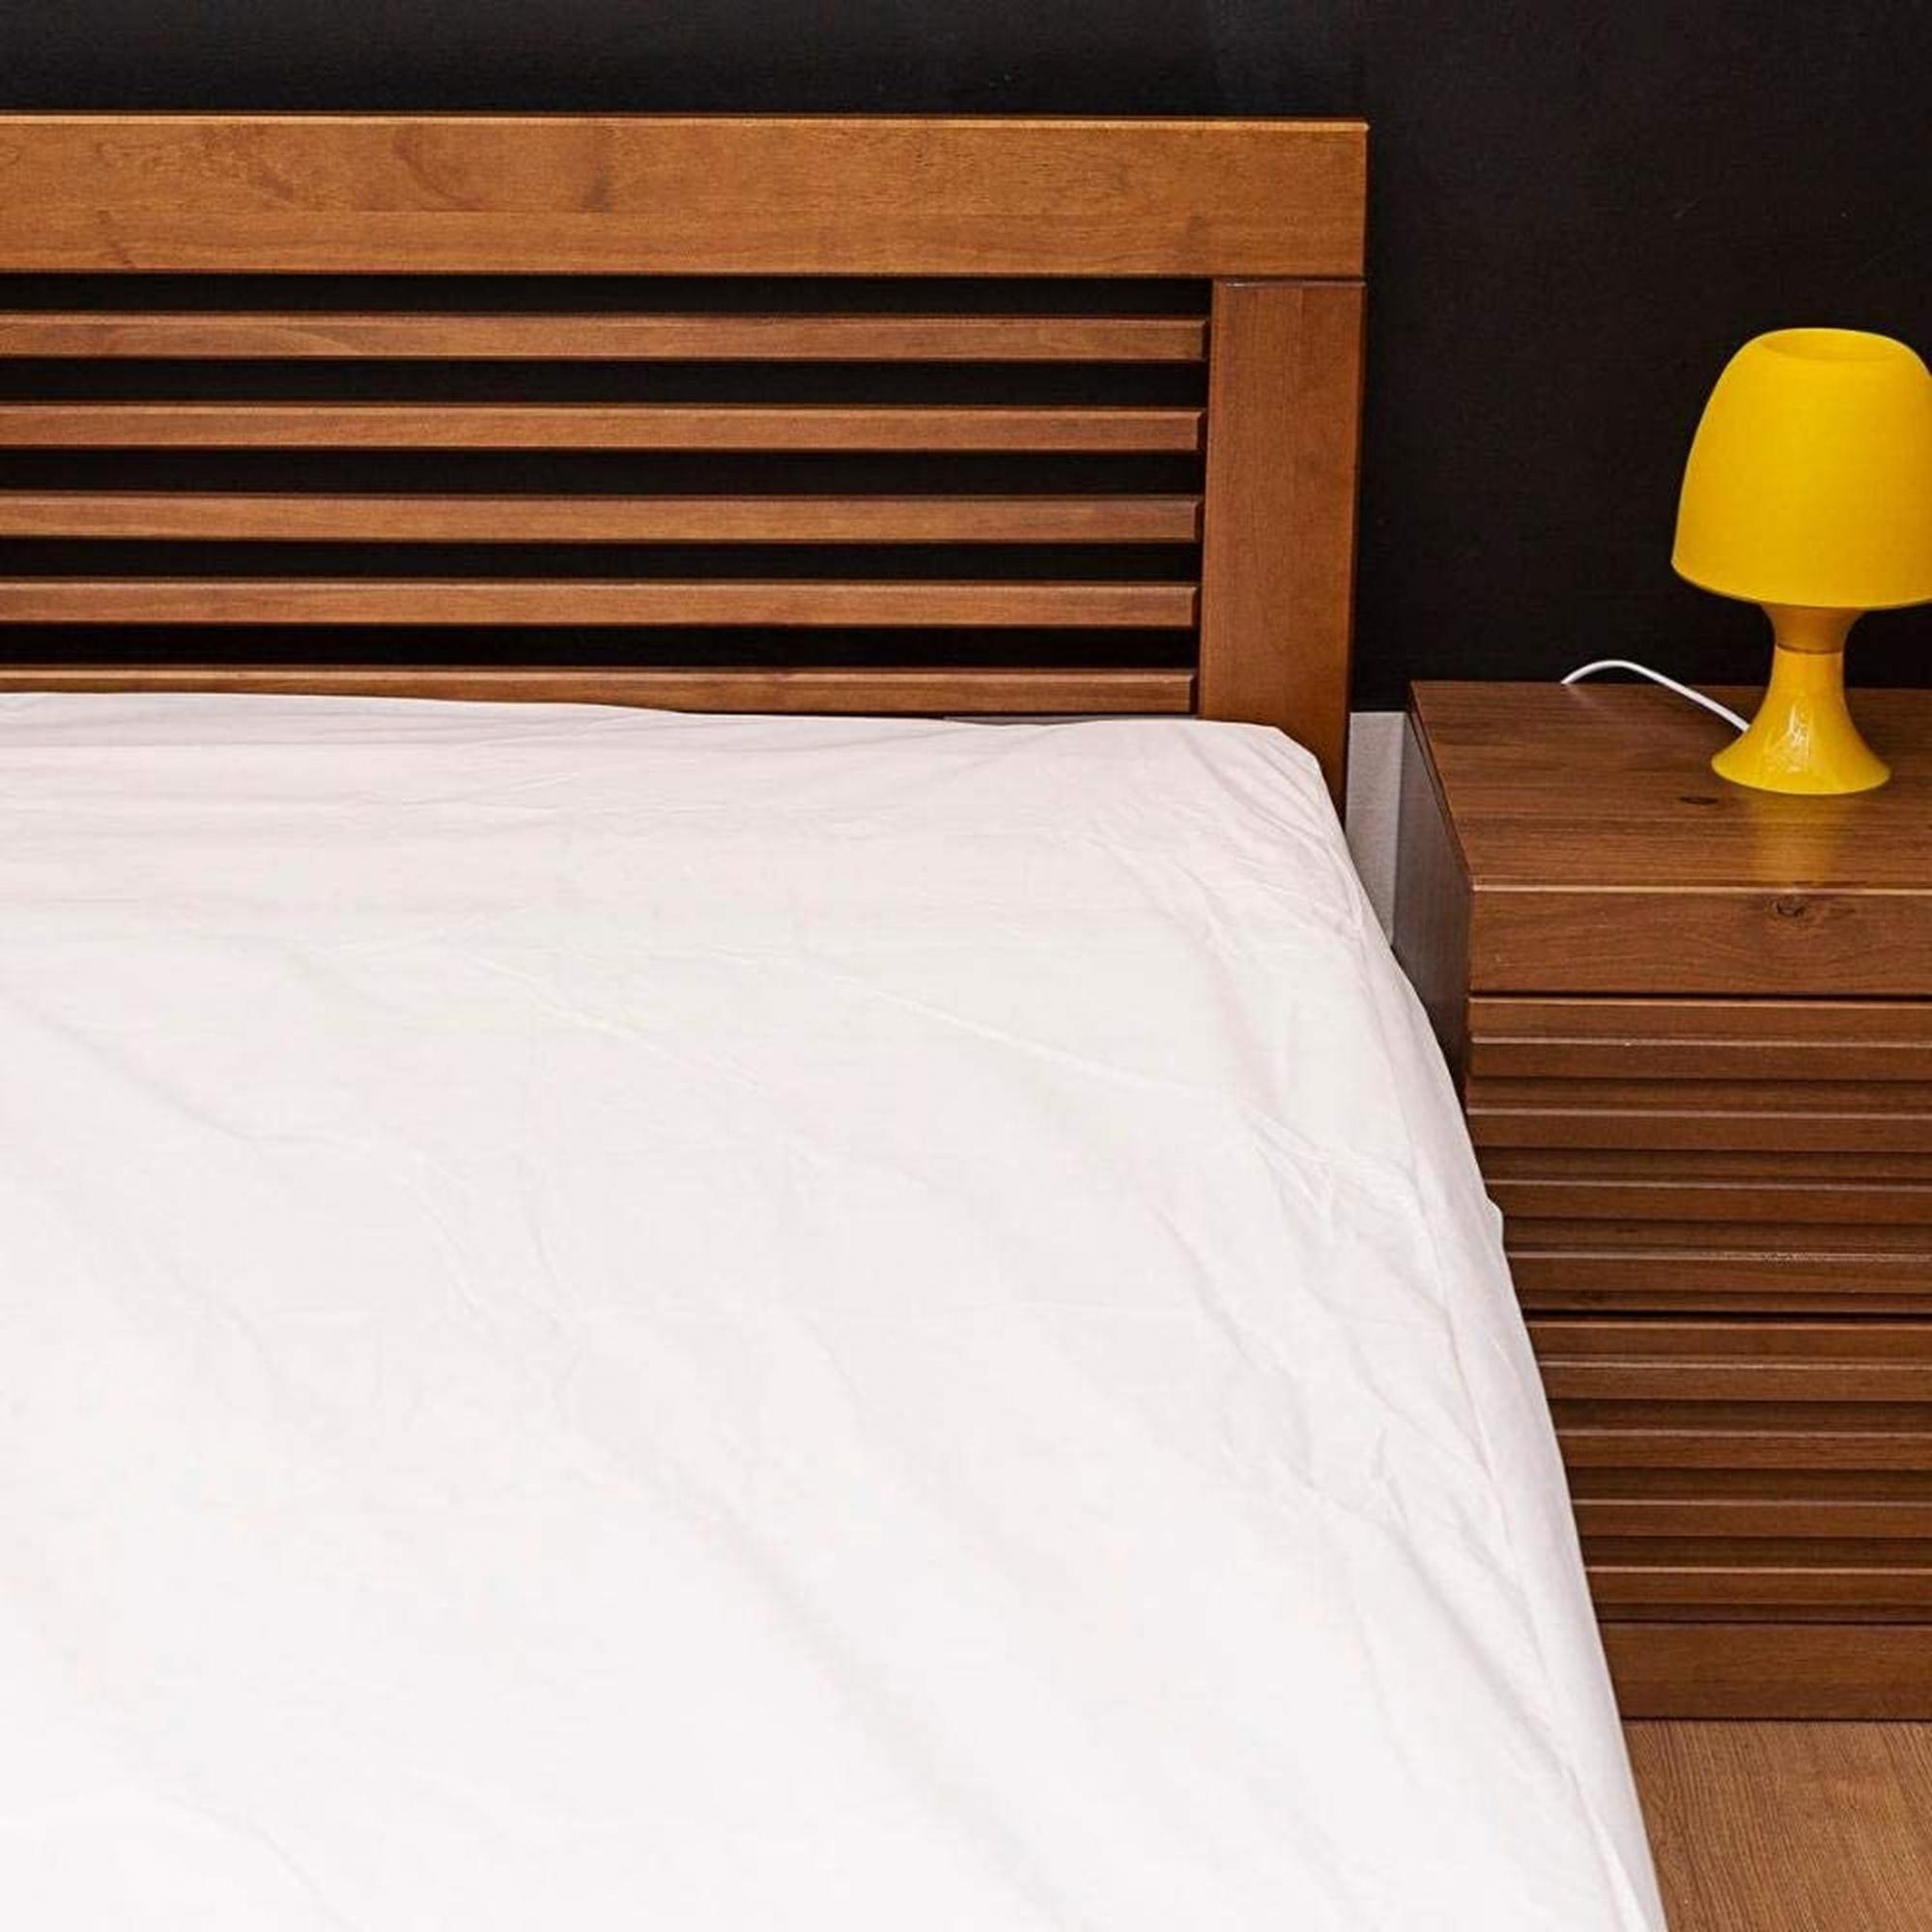 Capa Protetora de Colchão Solteiro Impermeavel 188x88x30 Master Comfort